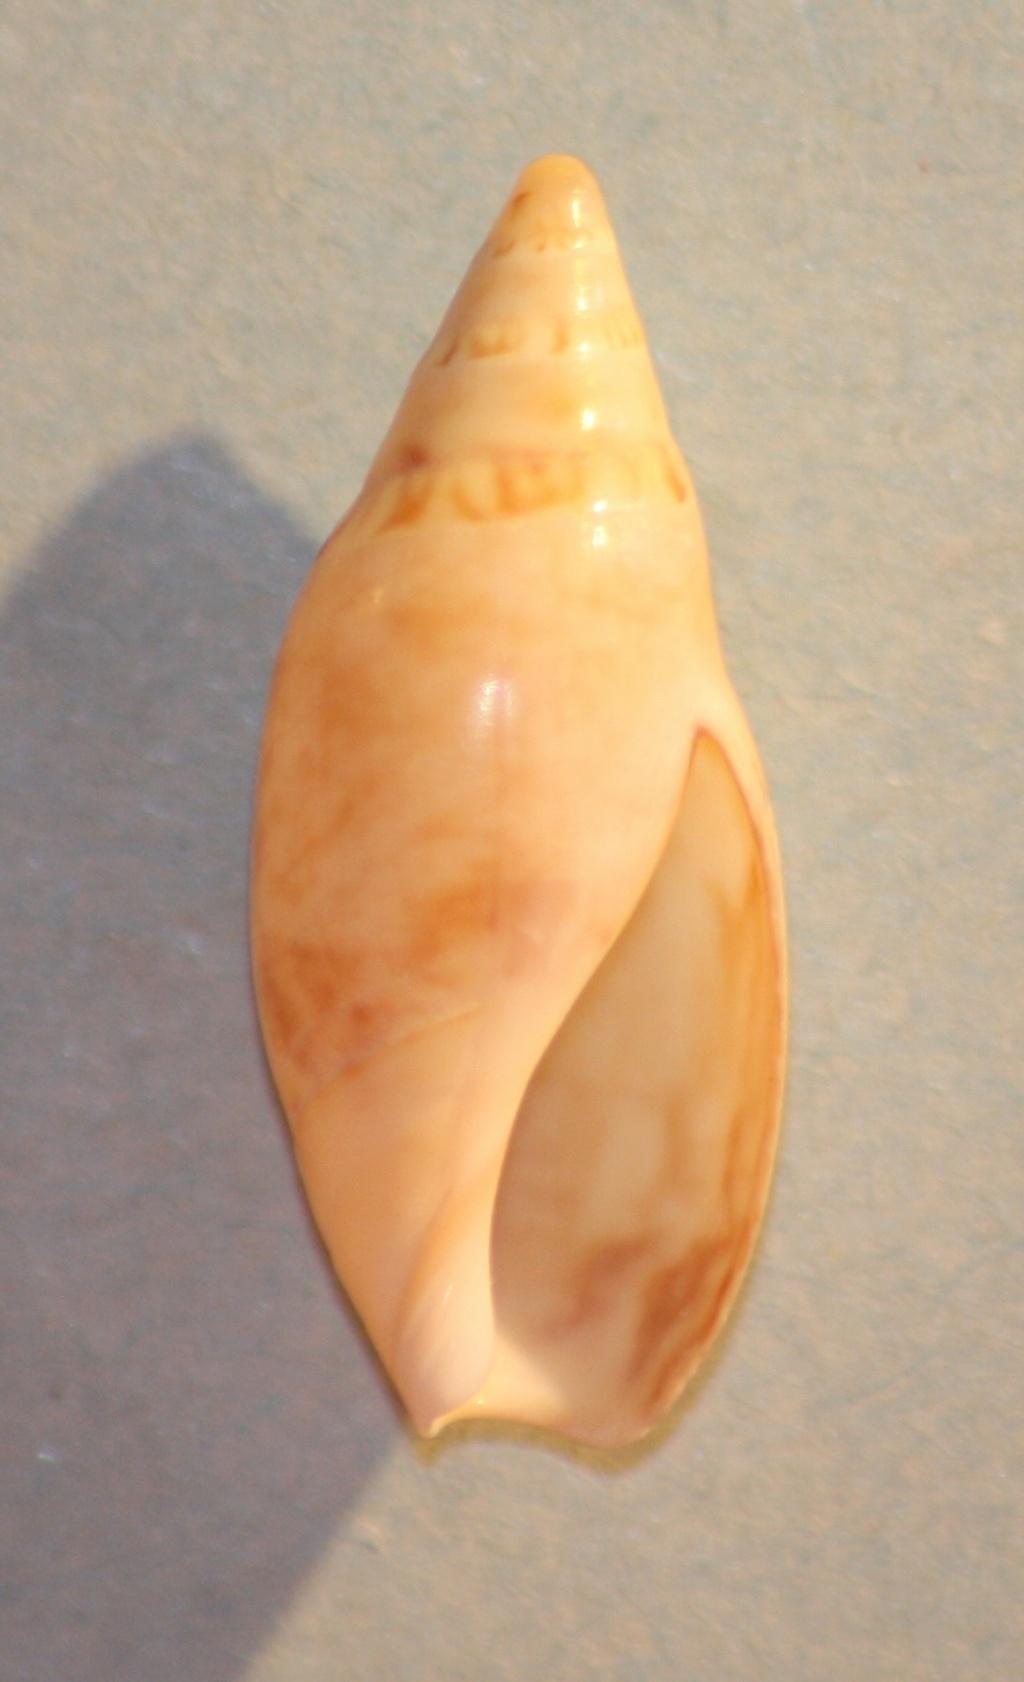 Amalda (Exiquaspira) ornata Ninomiya,1988 Img_0826